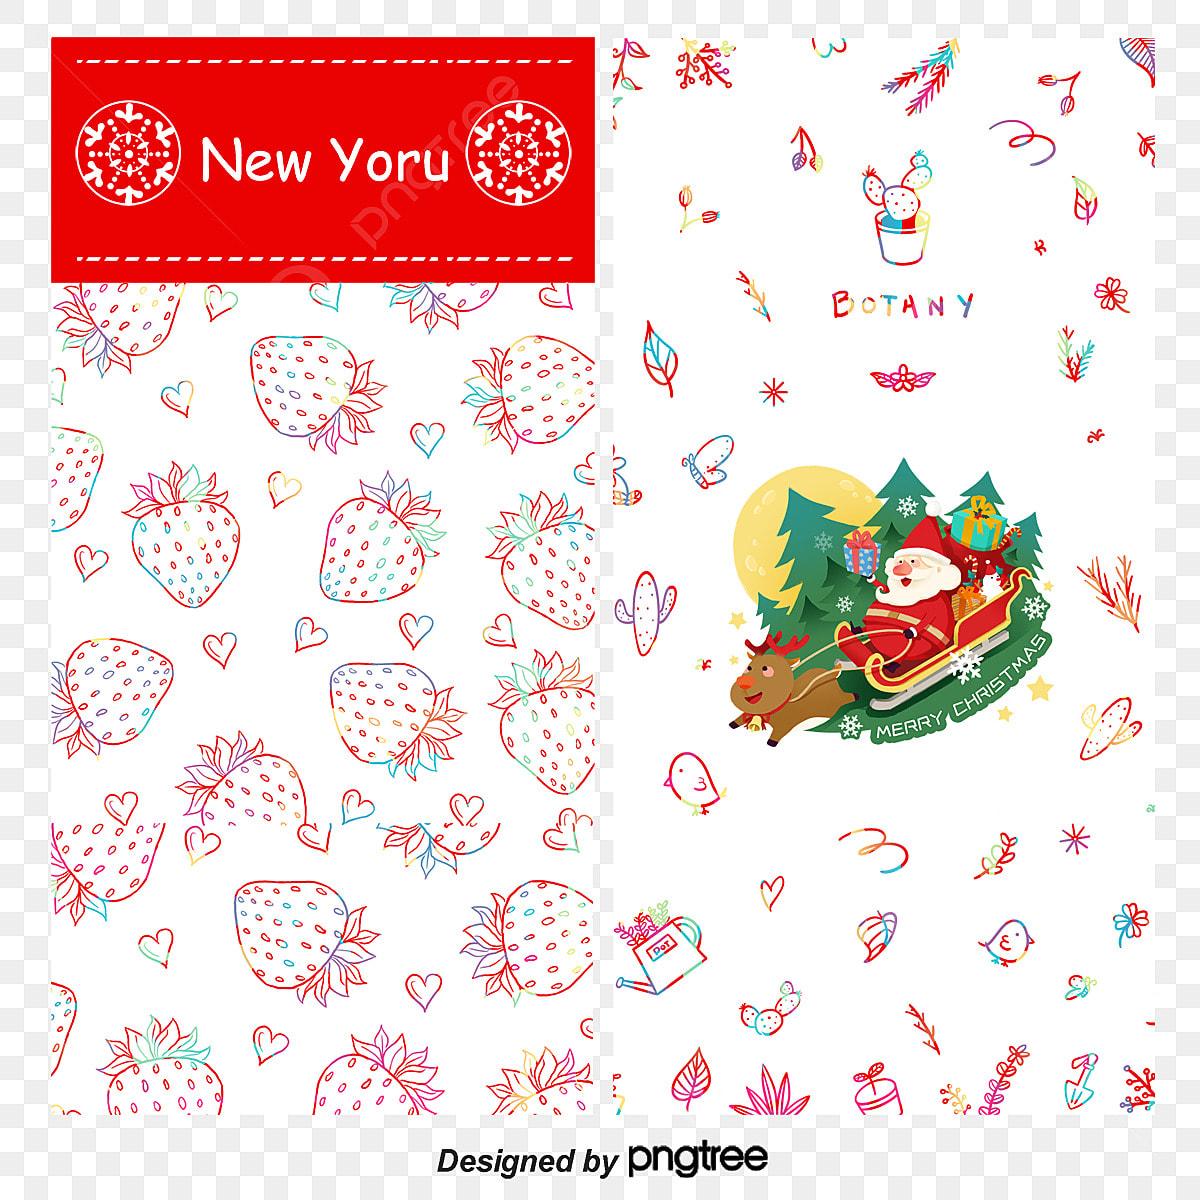 La Fiesta De Navidad Vector Creativo Tarjeta De Invitacion